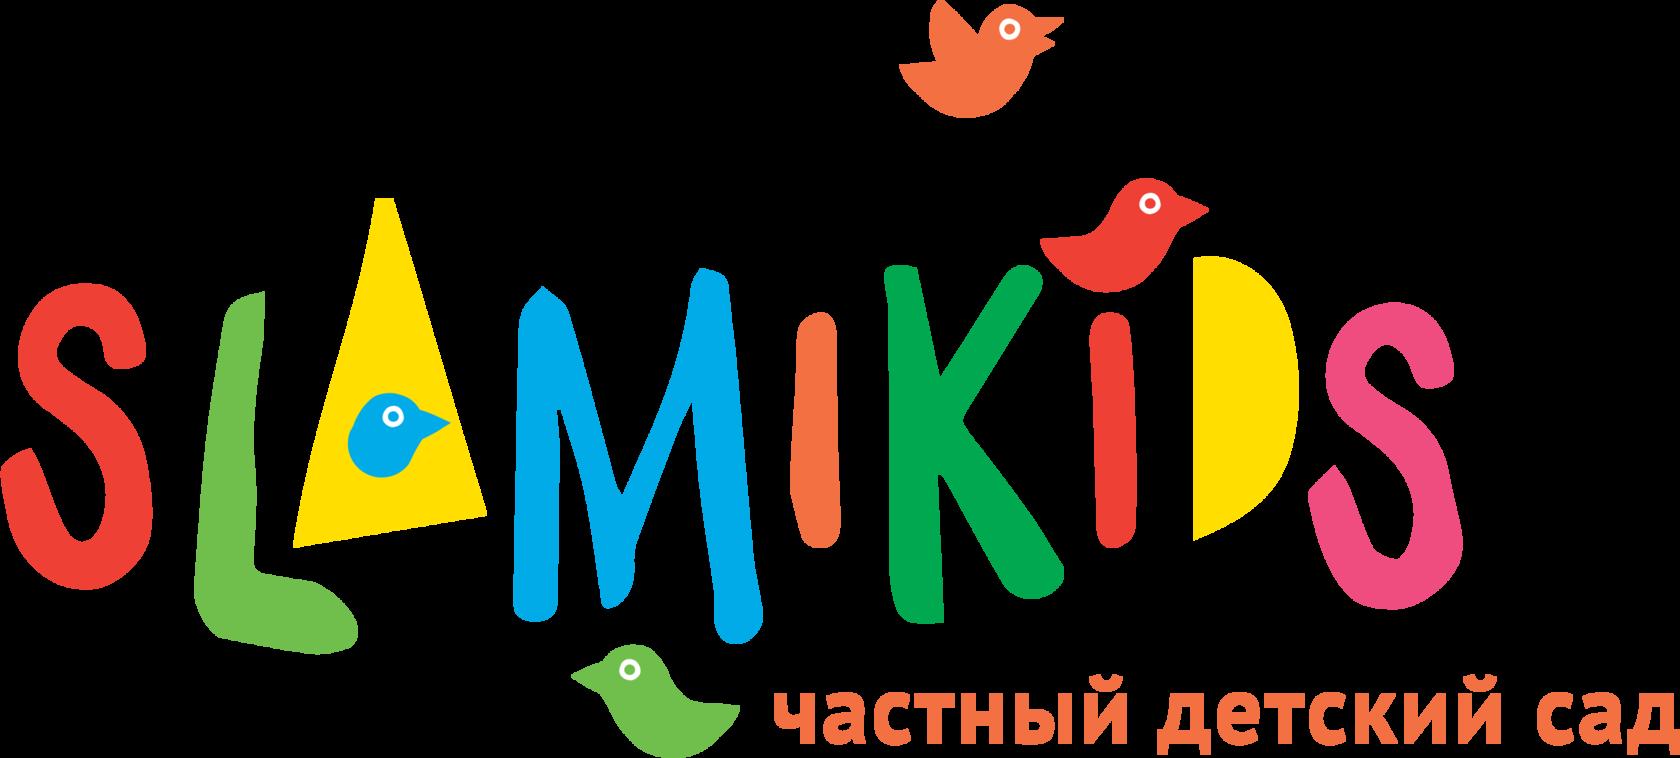 Частный детский садик SlamiKids